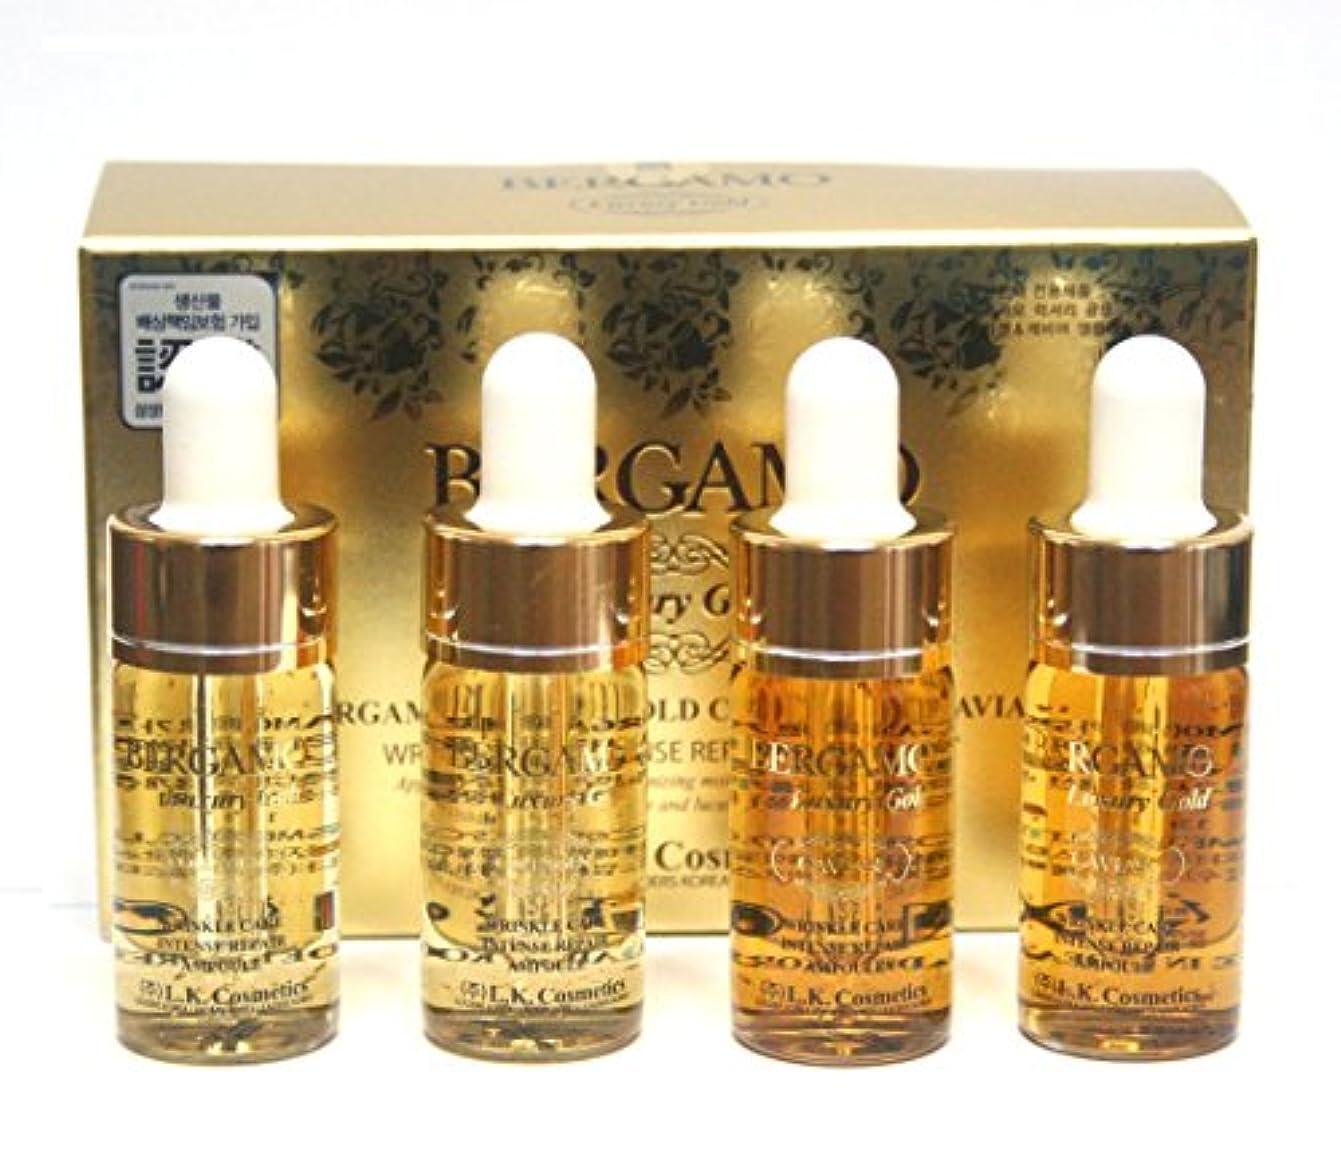 干ばつパッケージ合計[ベルガモ] Bergamo/ラグジュアリーゴールドコラーゲン&キャビアリンクルケアアンプルセット13ml * 4ea/Luxury Gold Collagen & Caviar Wrinkle Care Repair...